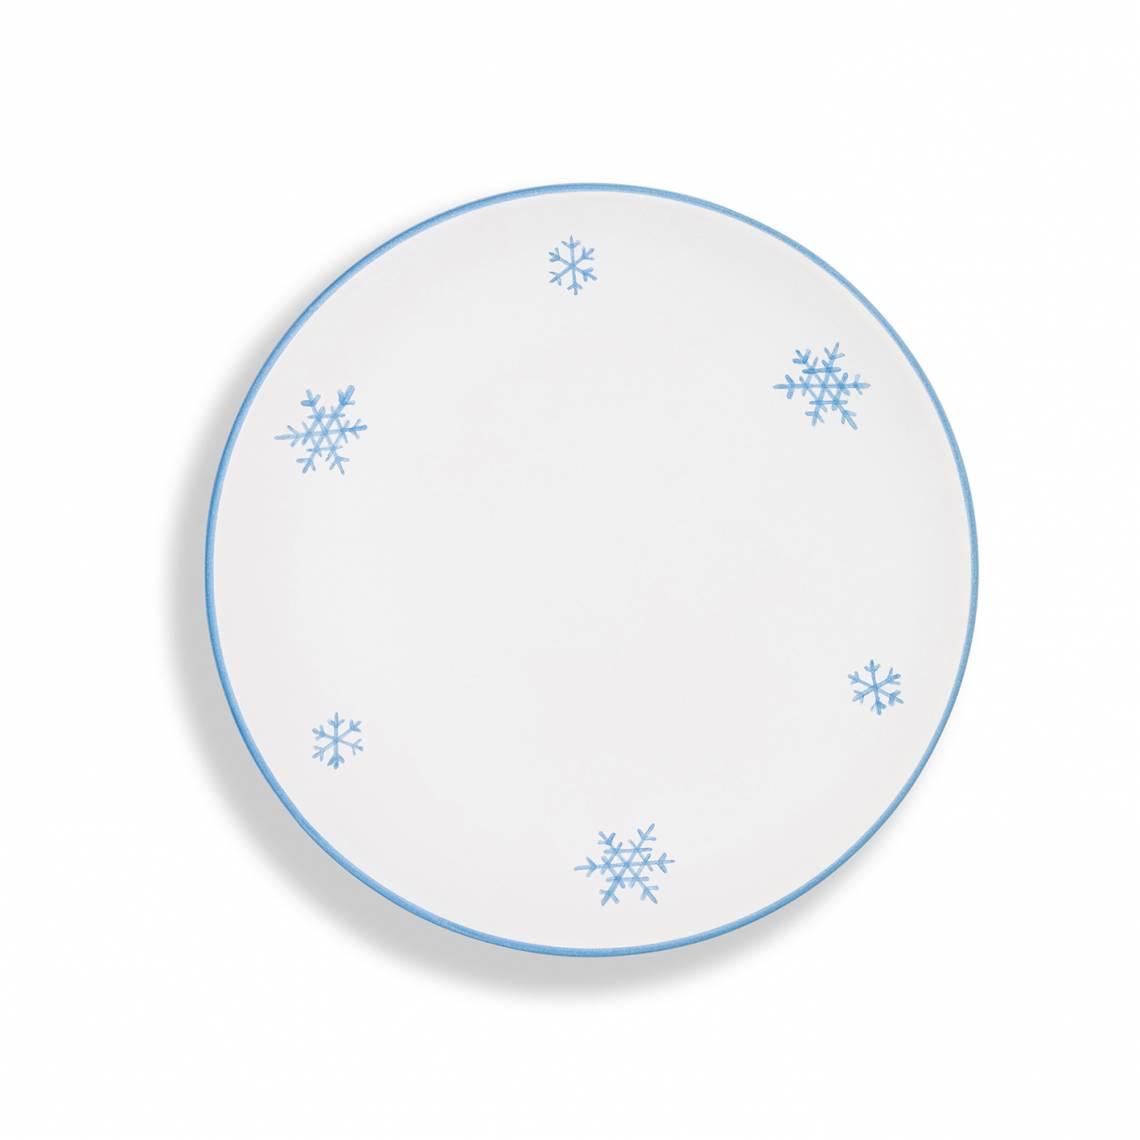 Dessertteller Schneekristall Blau von Gmundner Keramik